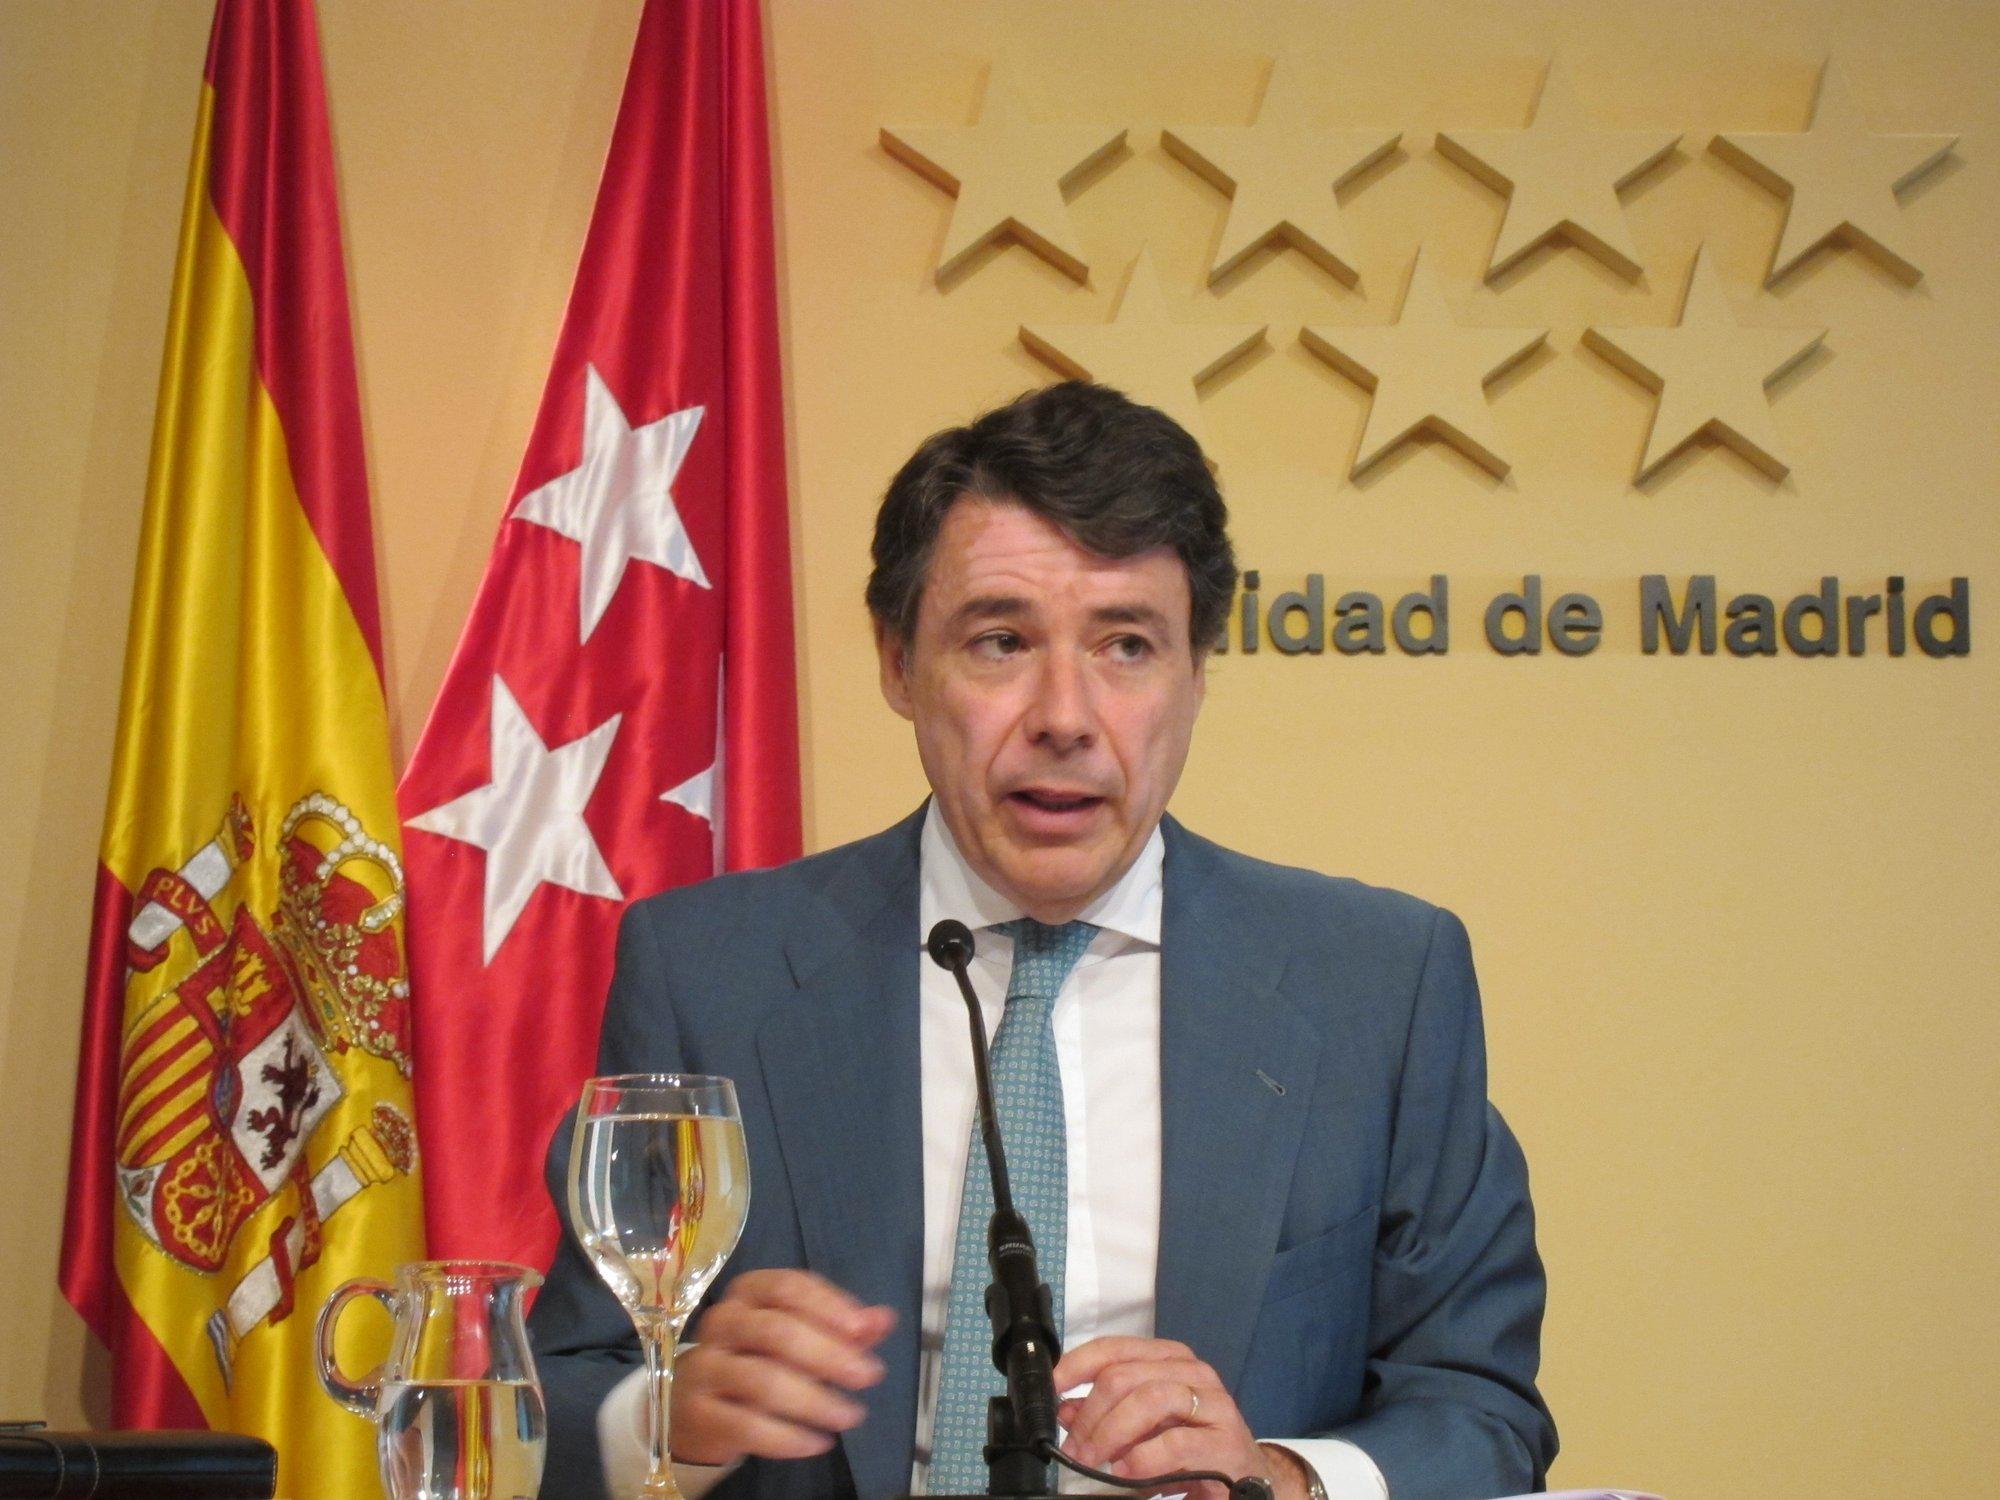 González sobre la admisión de recurso contra privatización del Canal: «No se prejuzga nada, es un mero trámite»